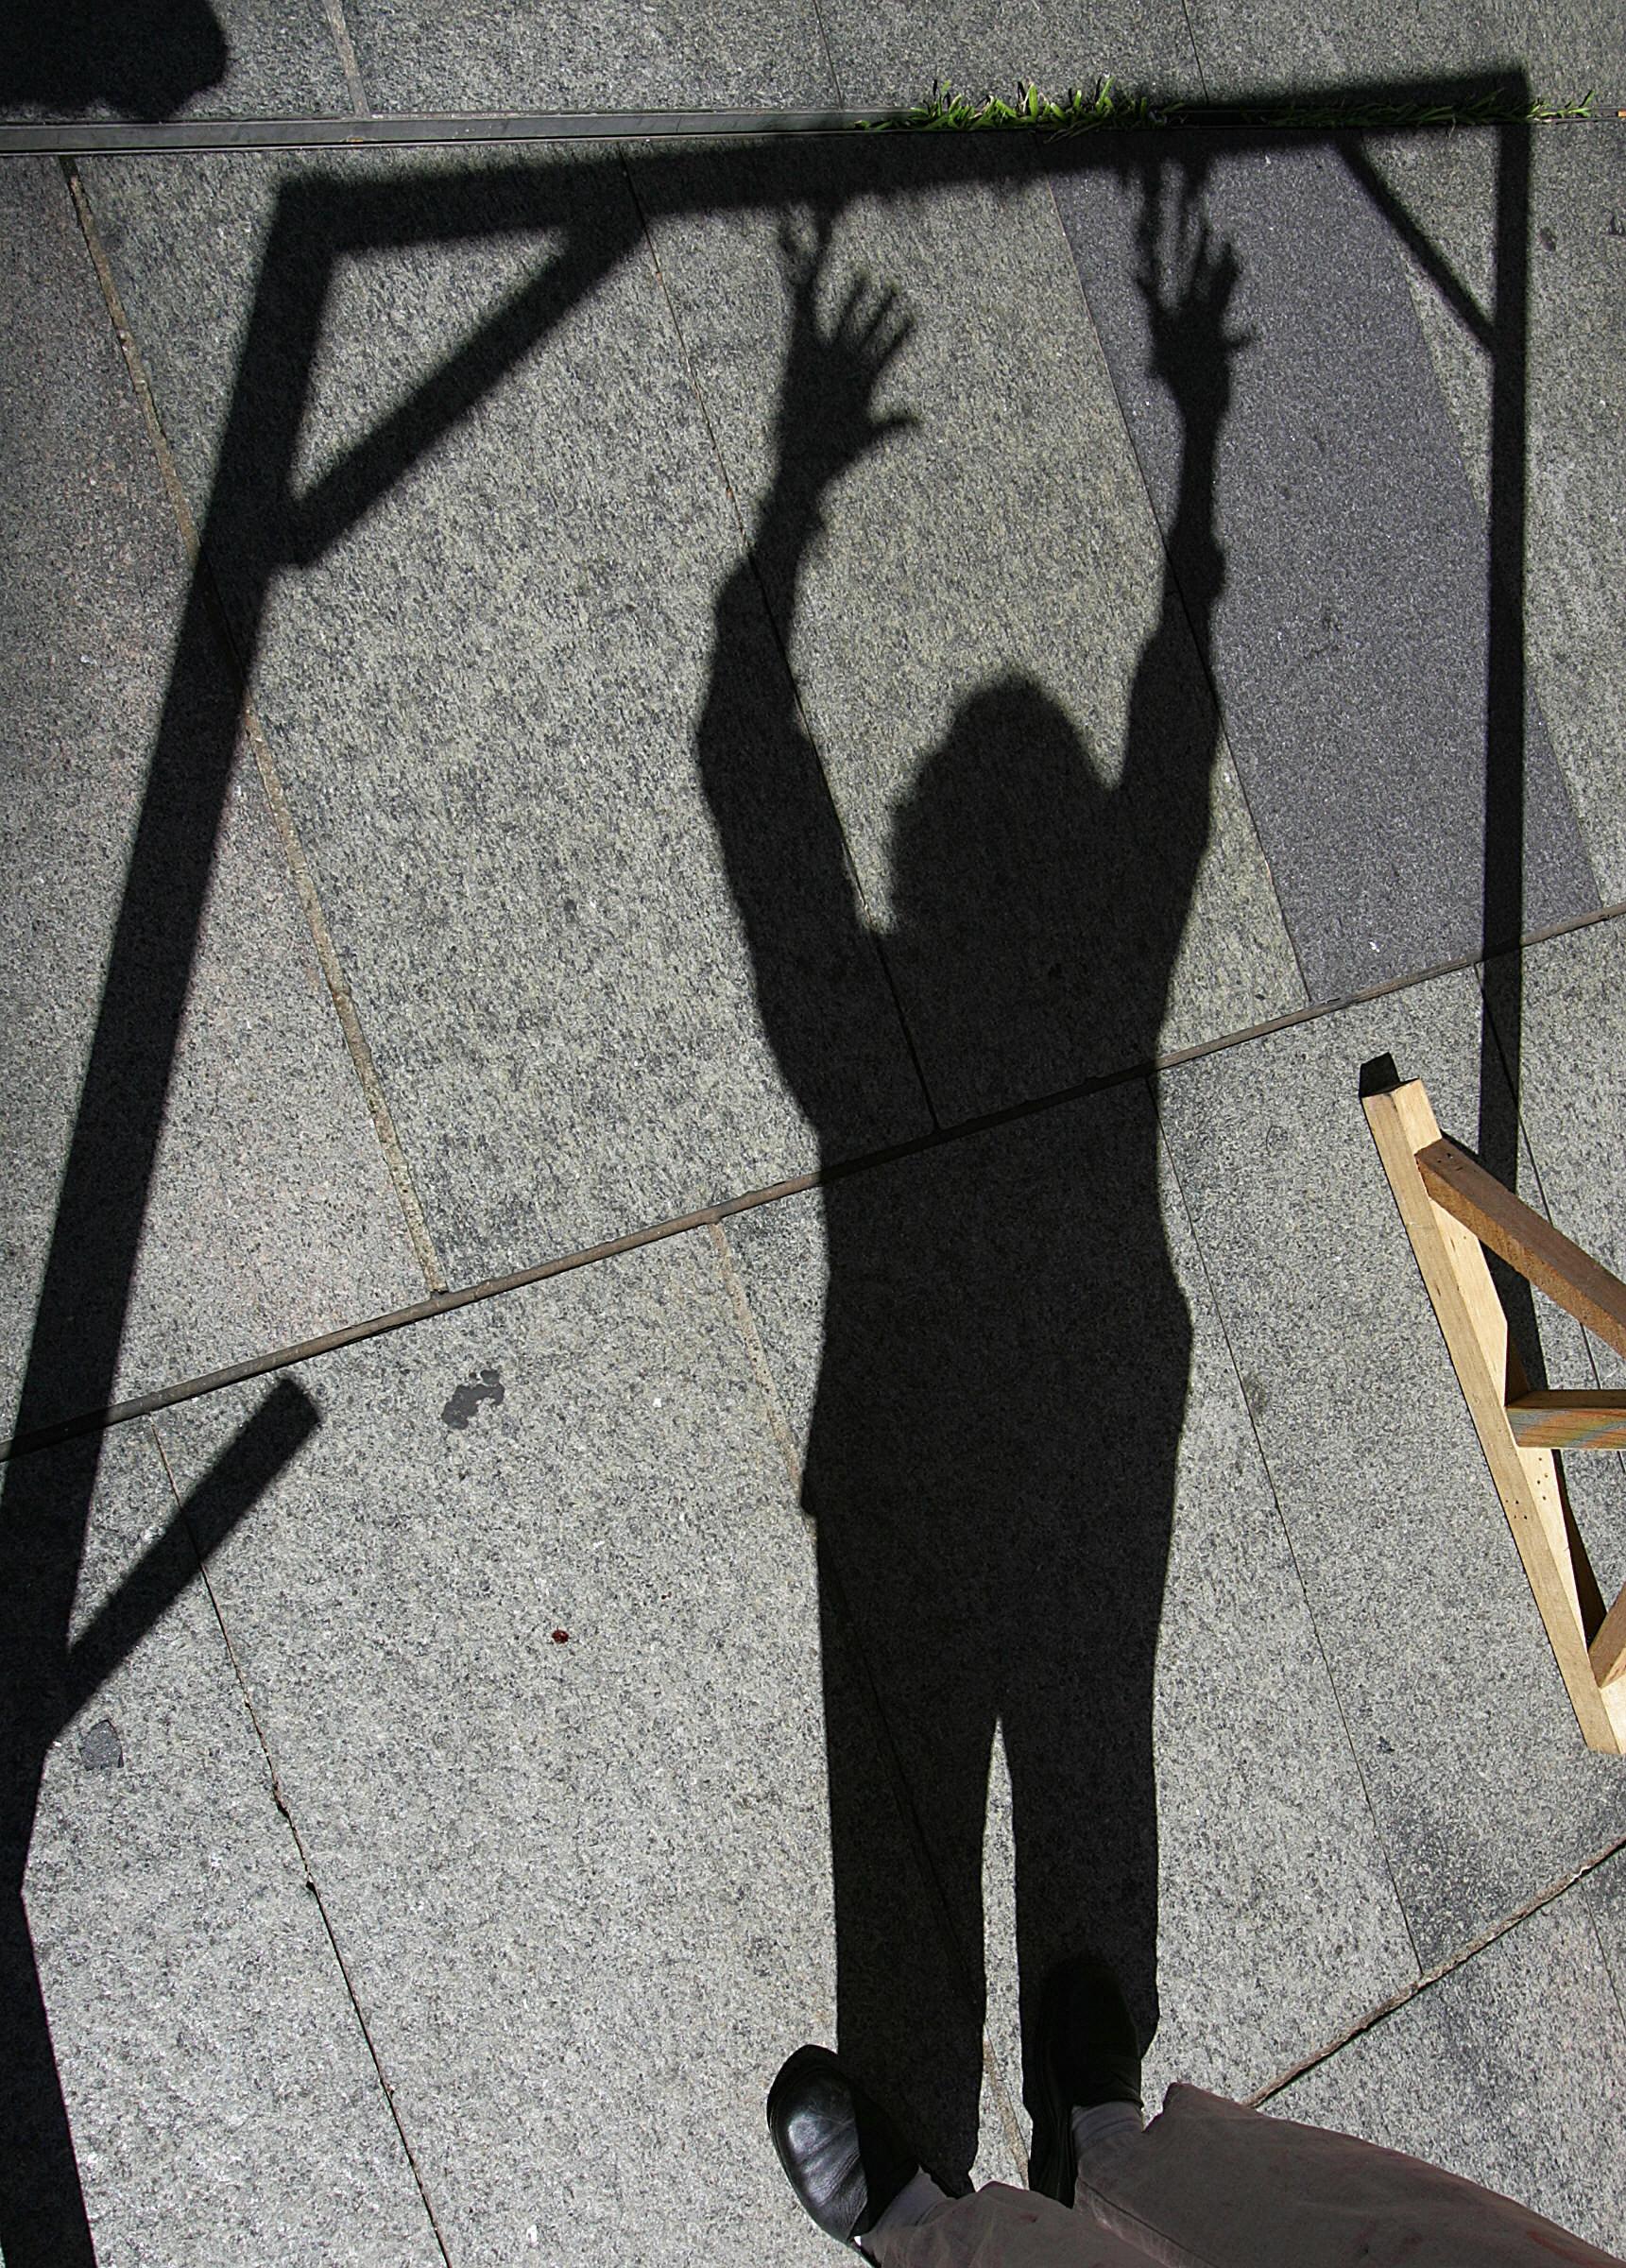 Hinrichtung von heute auf morgen – Ägypten verhängt immer mehr Todesstrafen nach der Scharia